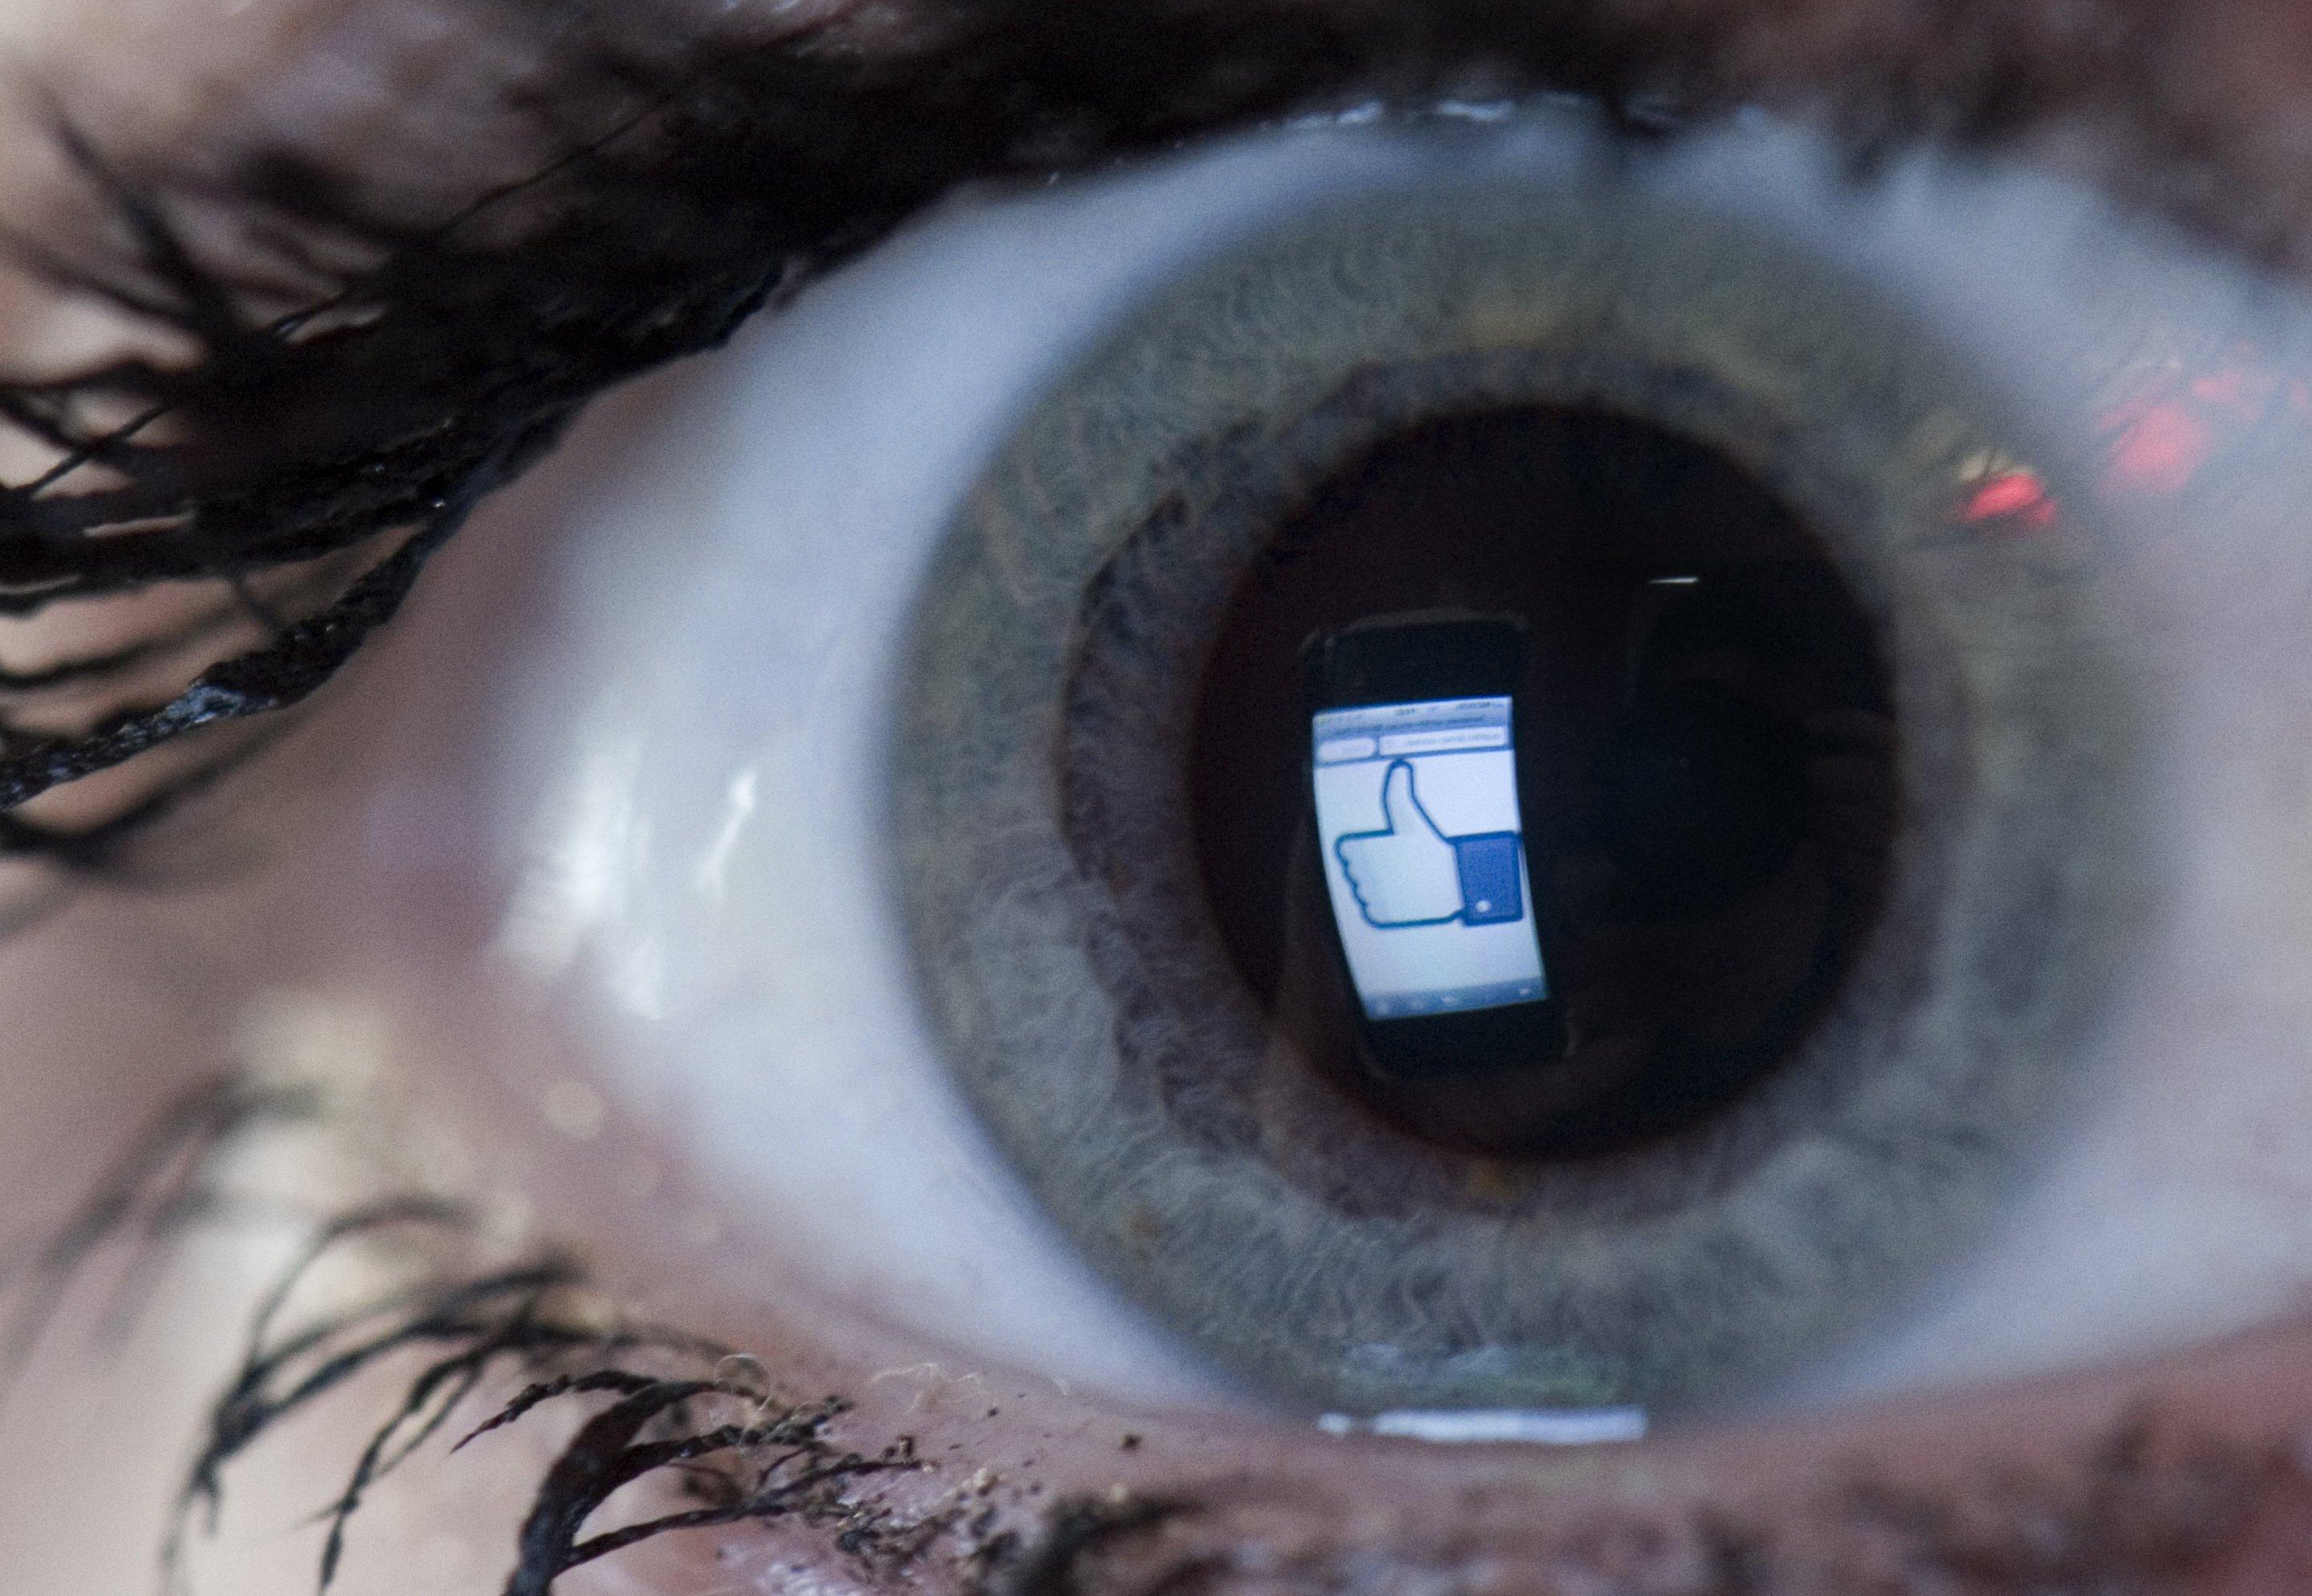 Nicht nur bei Facebook gibt es Probleme mit dem Datenschutz. Auch Behörden haben immer weniger Respekt vor der Privatsphäre.